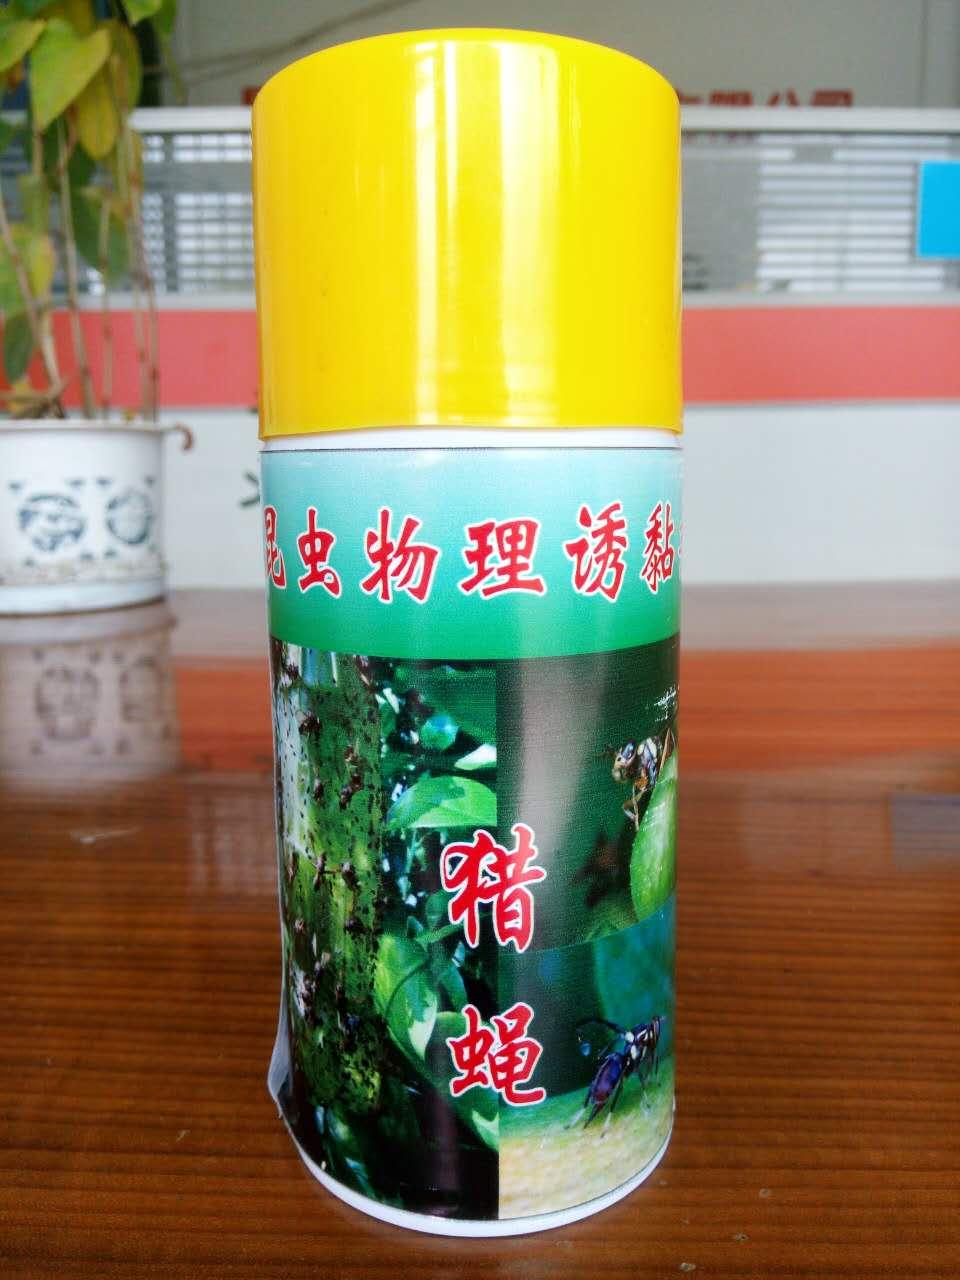 猎蝇:昆虫物理诱黏剂